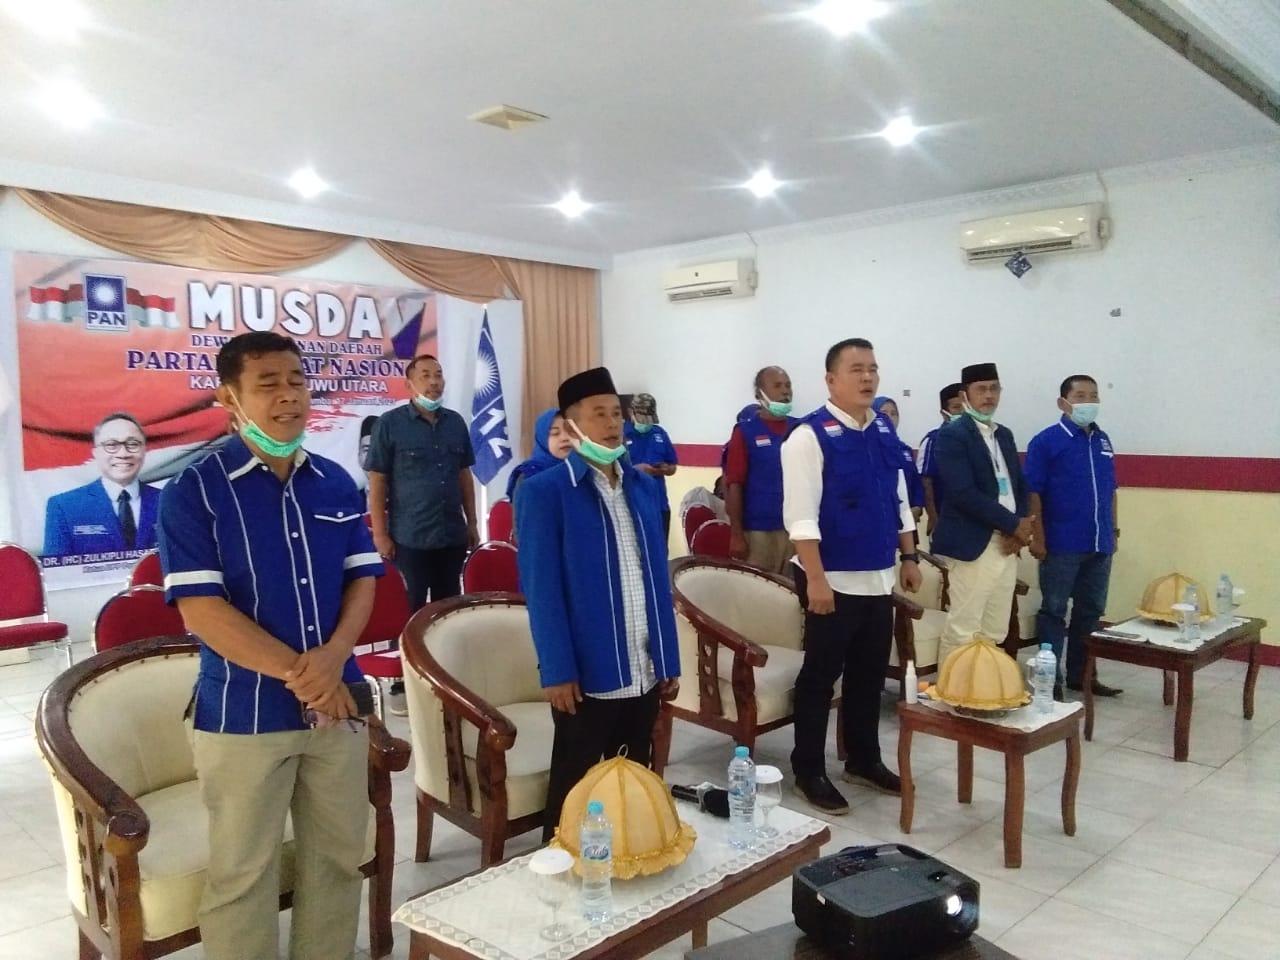 Karemuddin Kembali Pimpin PAN Kabupaten Luwu Utara